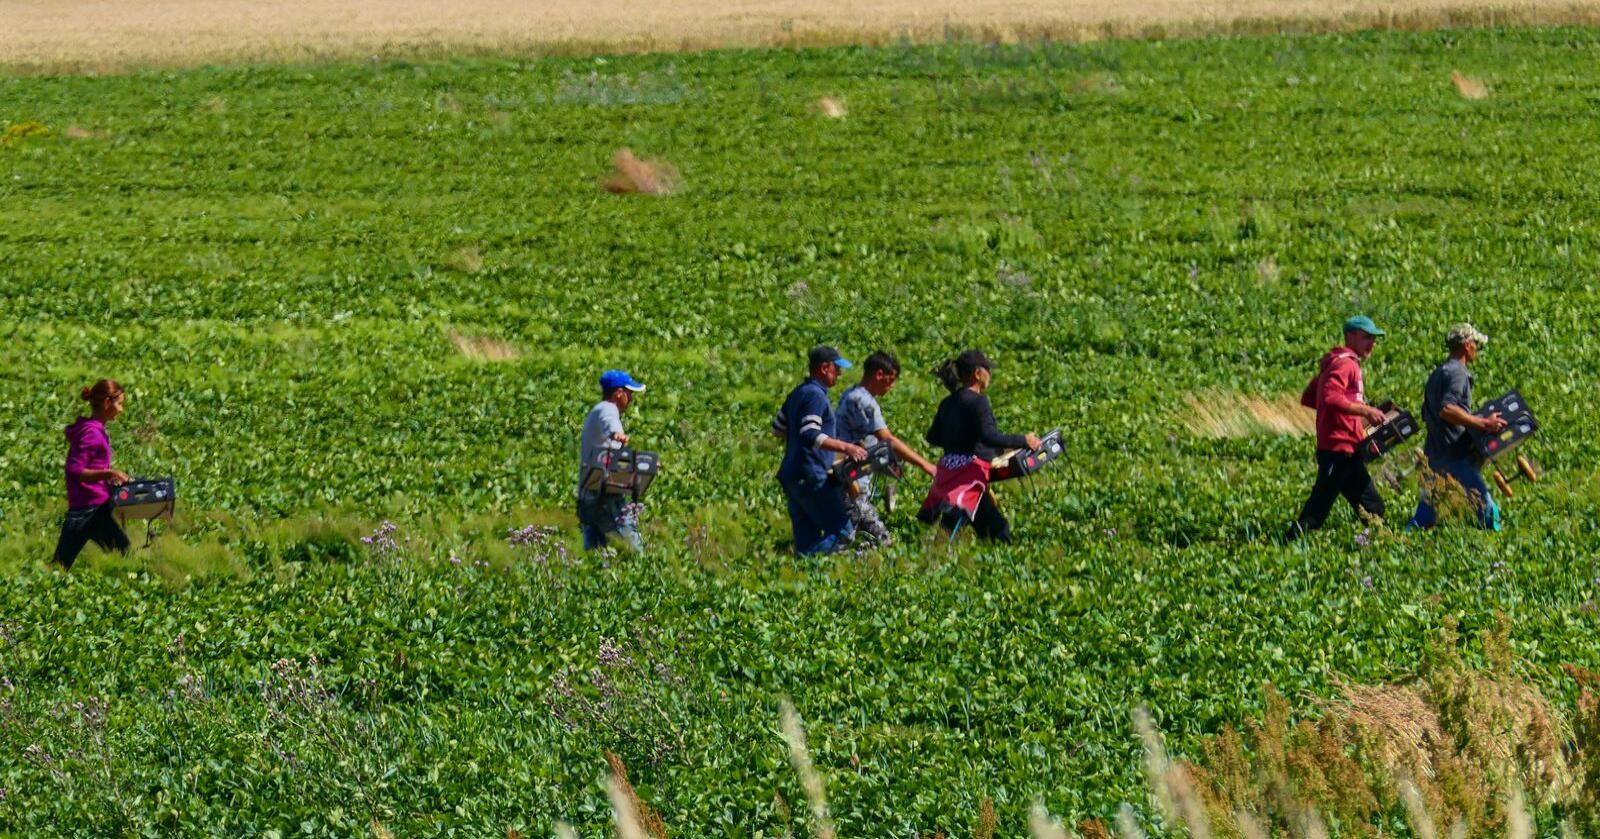 Nylig var vi kontakt med flere enn 20 sesongarbeidere som ble utnyttet på én og samme gård. De er alle fra land utenfor EØS, og er ekstra sårbare, skriver Anna-Sofie Ekendahl-Dreyer. Illustrasjonsfoto: Mostphotos